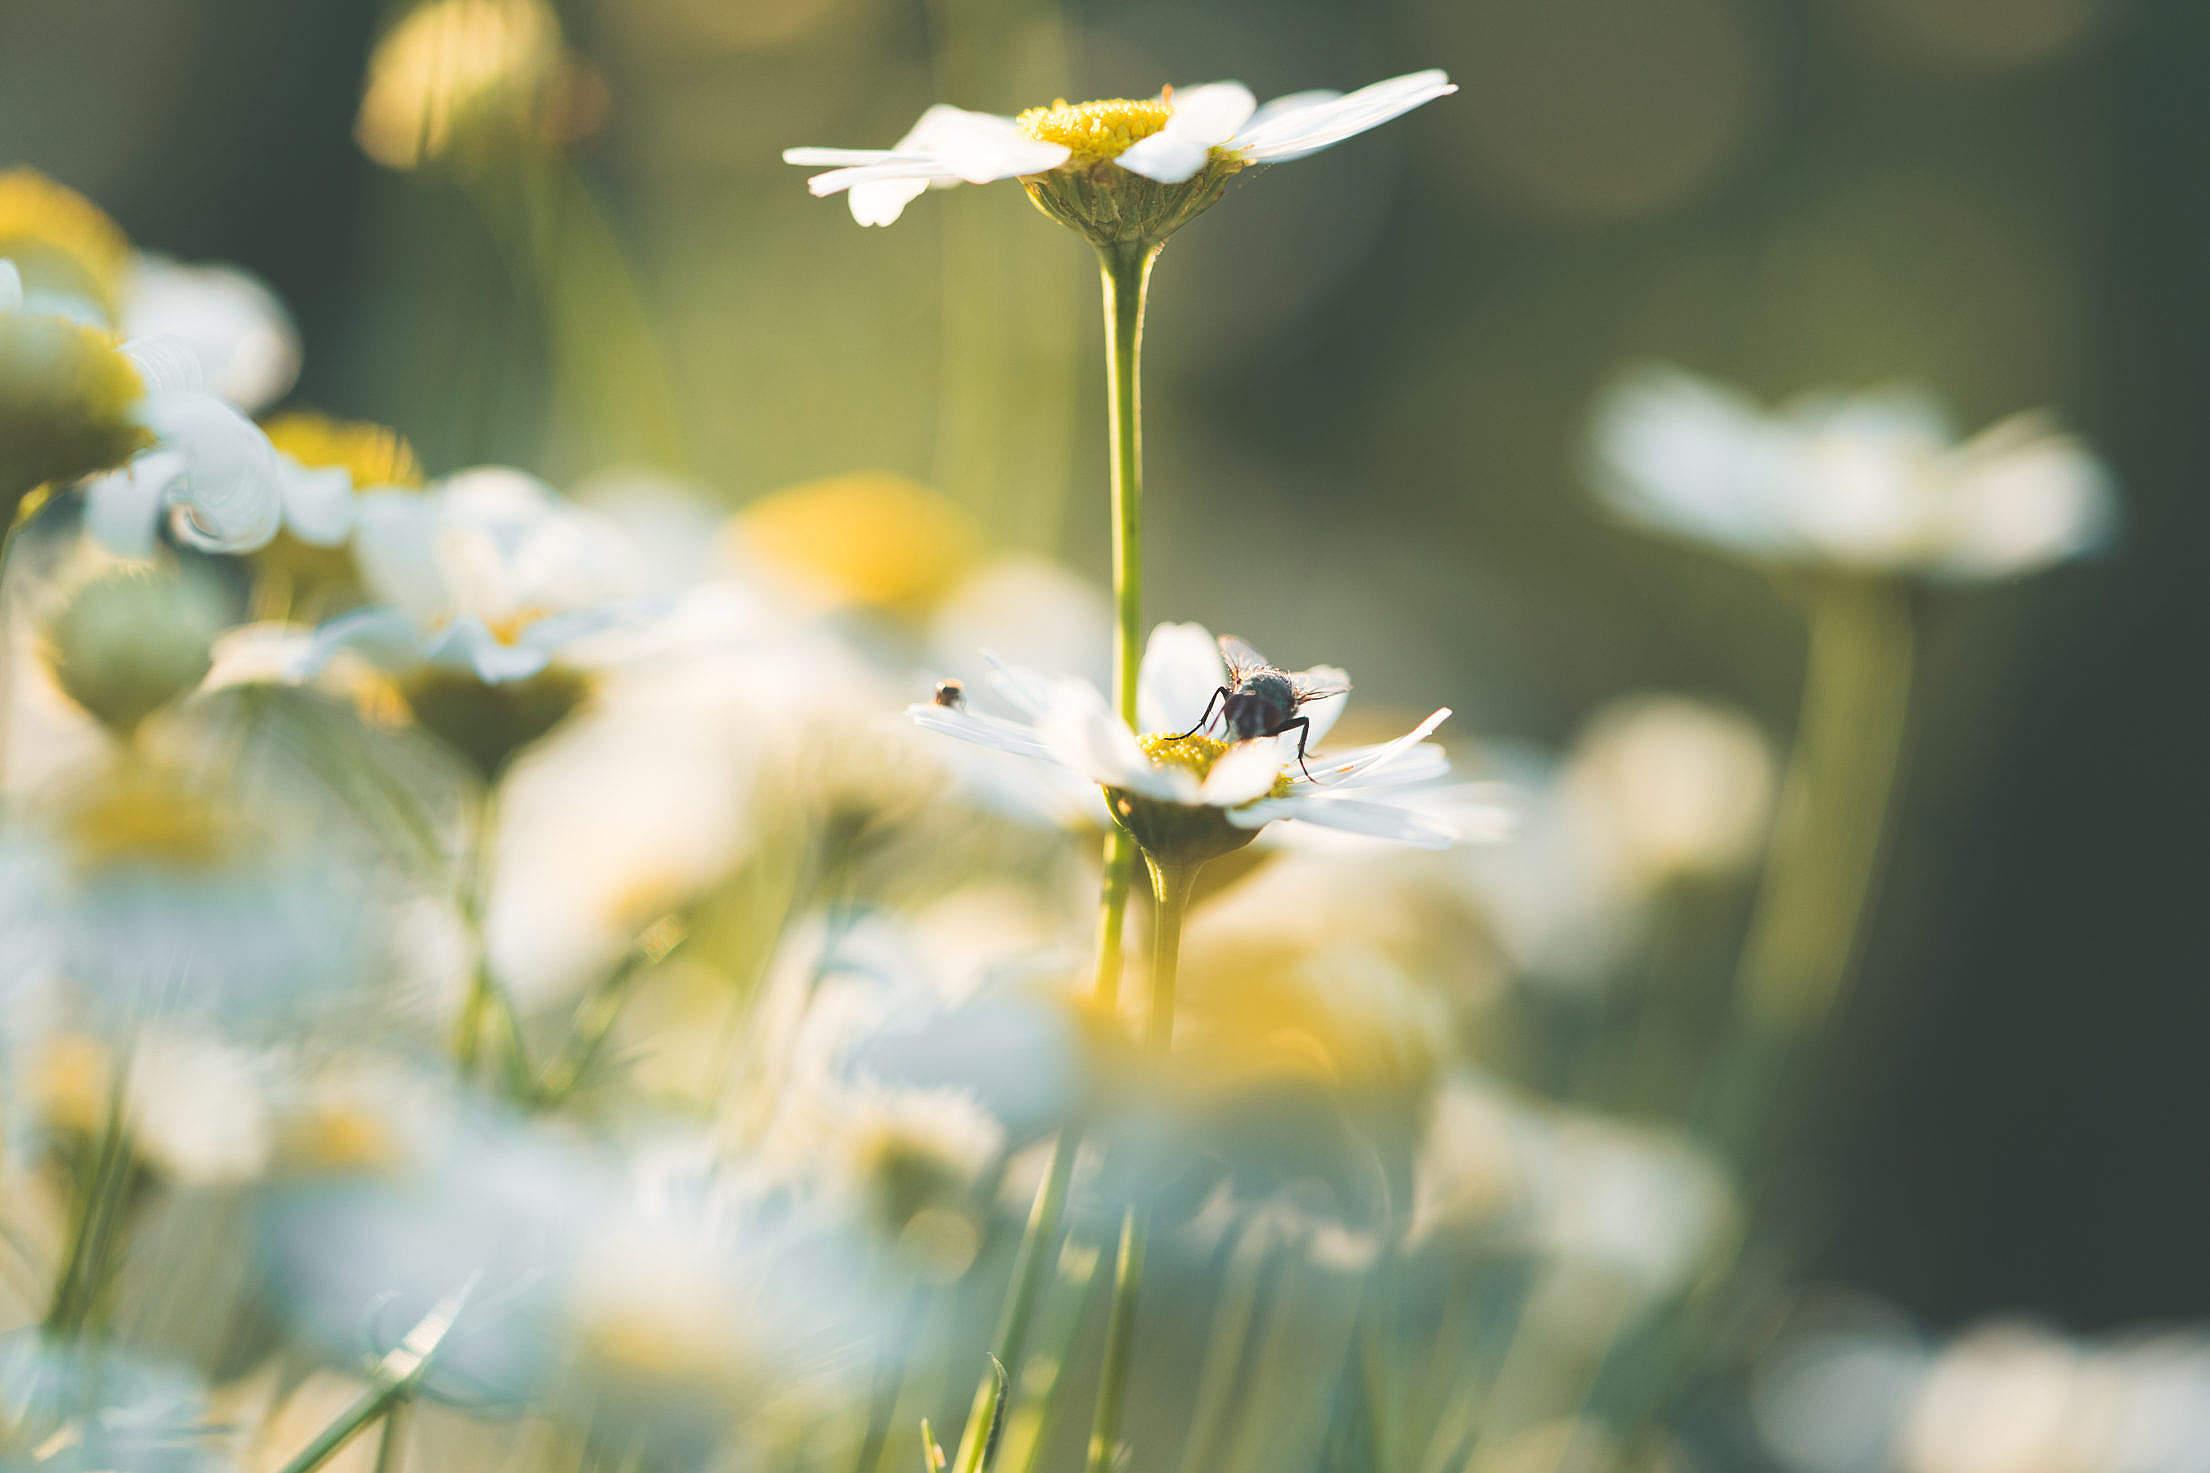 Daisy Flowers #3 Free Stock Photo